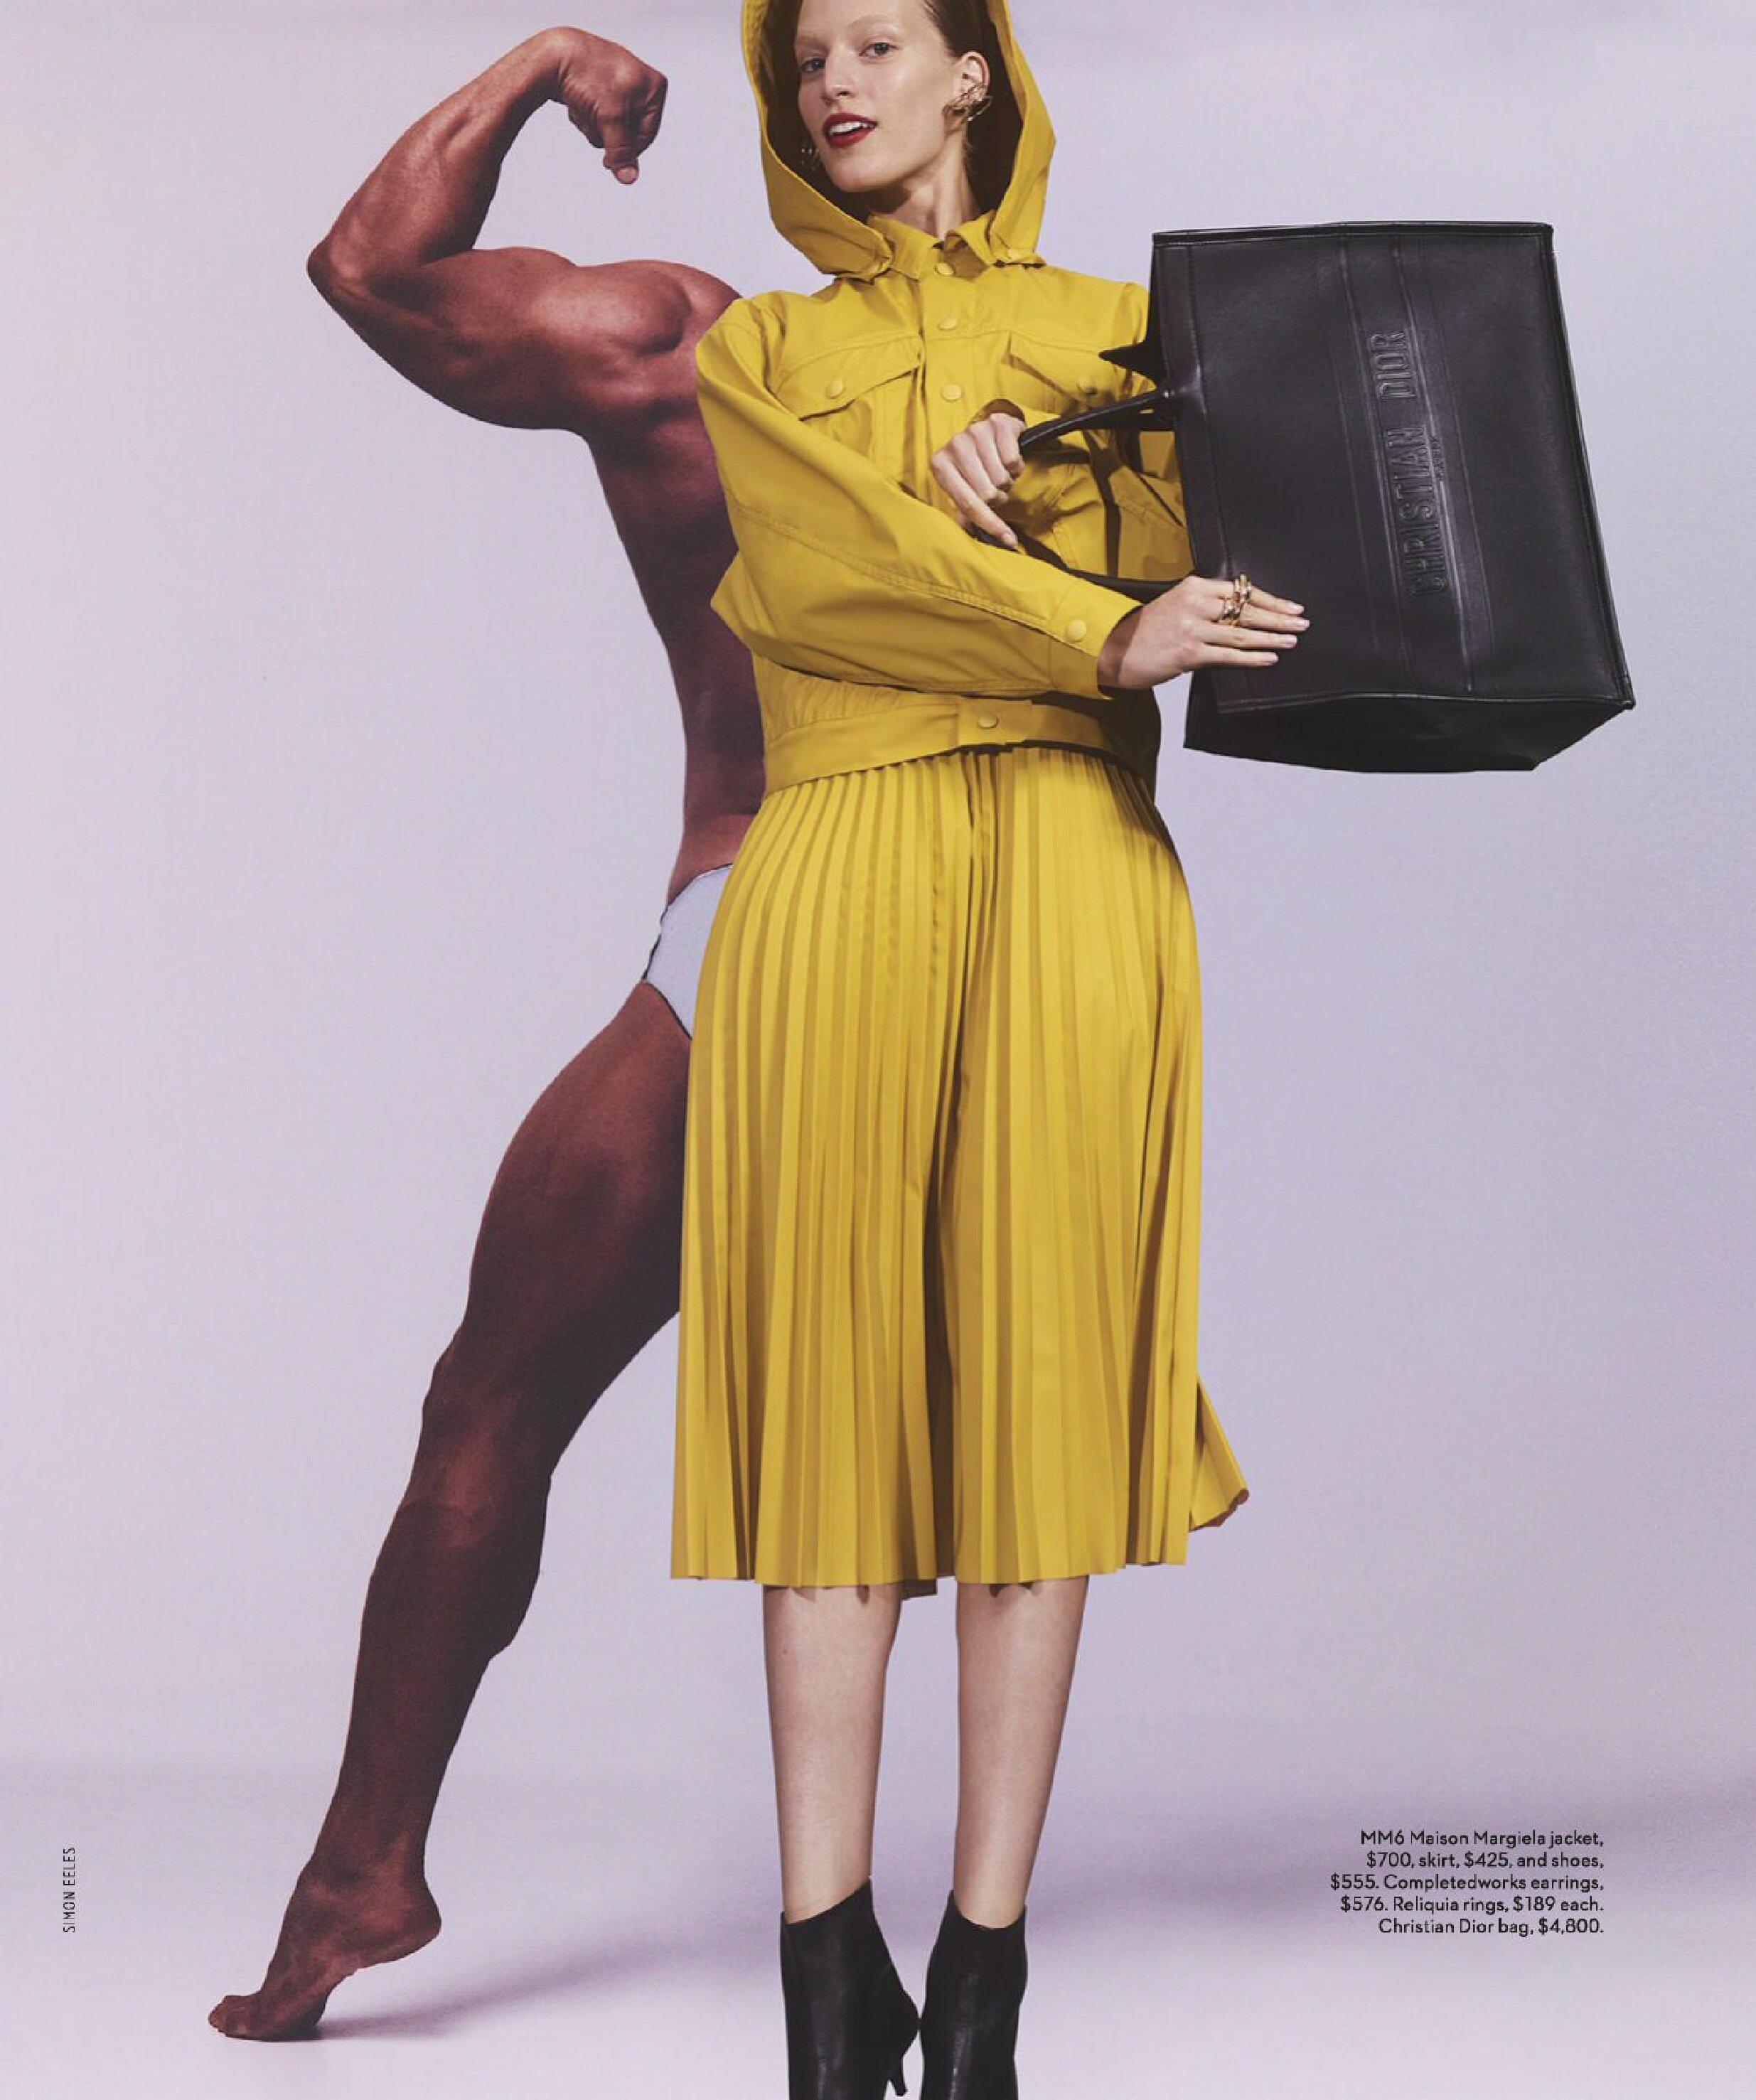 Vanessa Axente Simon Eeles Vogue Australia (13).jpg